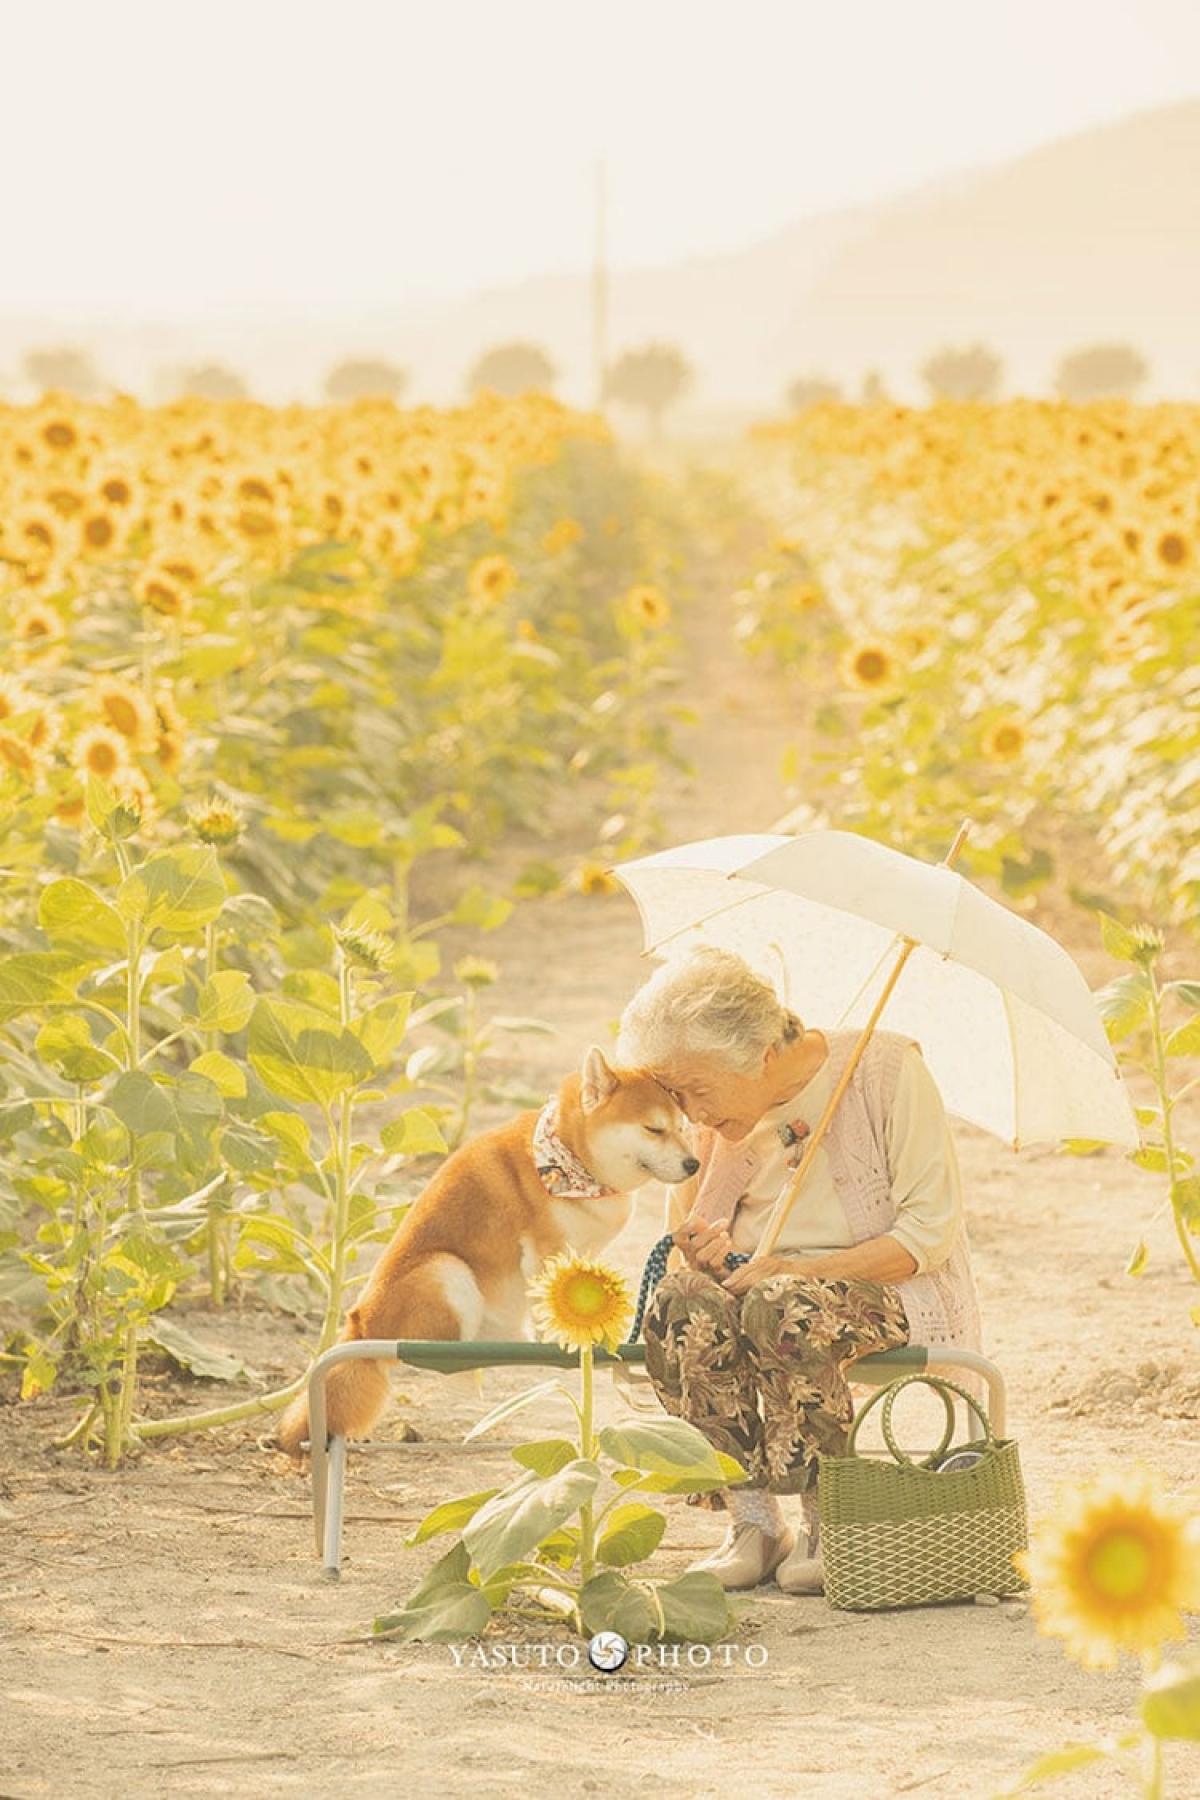 Nhiếp ảnh gia Yasuto chia sẻ, sau khi ông của anh mất, anh cảm thấy hối hận vì đã không thể lưu giữ nhiều bức ảnh của ông. Bởi vậy anh đã dành rất nhiều thời gian ở bên bà và chụp lại những khoảnh khắc cuộc sống của bà.